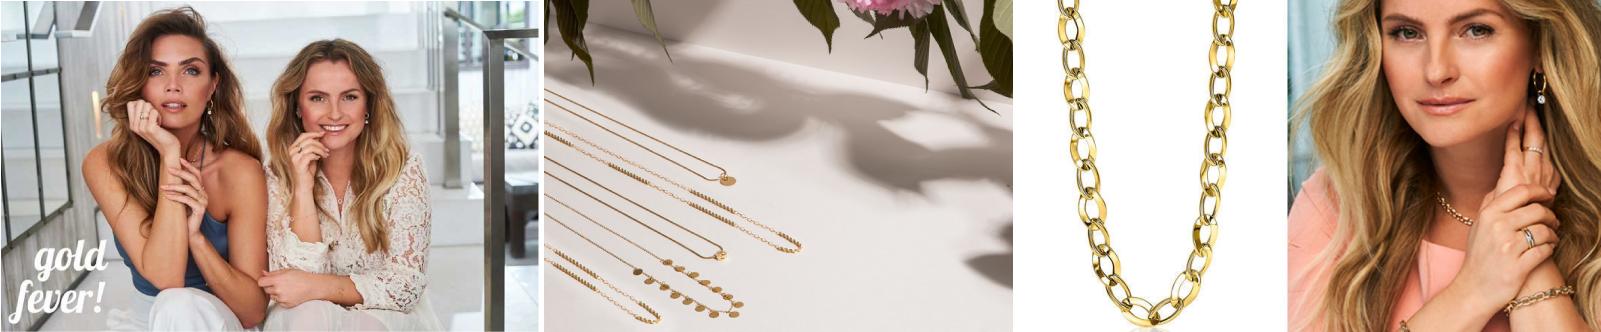 Zinzi-gouden-sieraden-horloges,-ringen,-armbanden,oorknopjes-kopen-bij-Wolters-Juweliers-Coevorden-Emmen